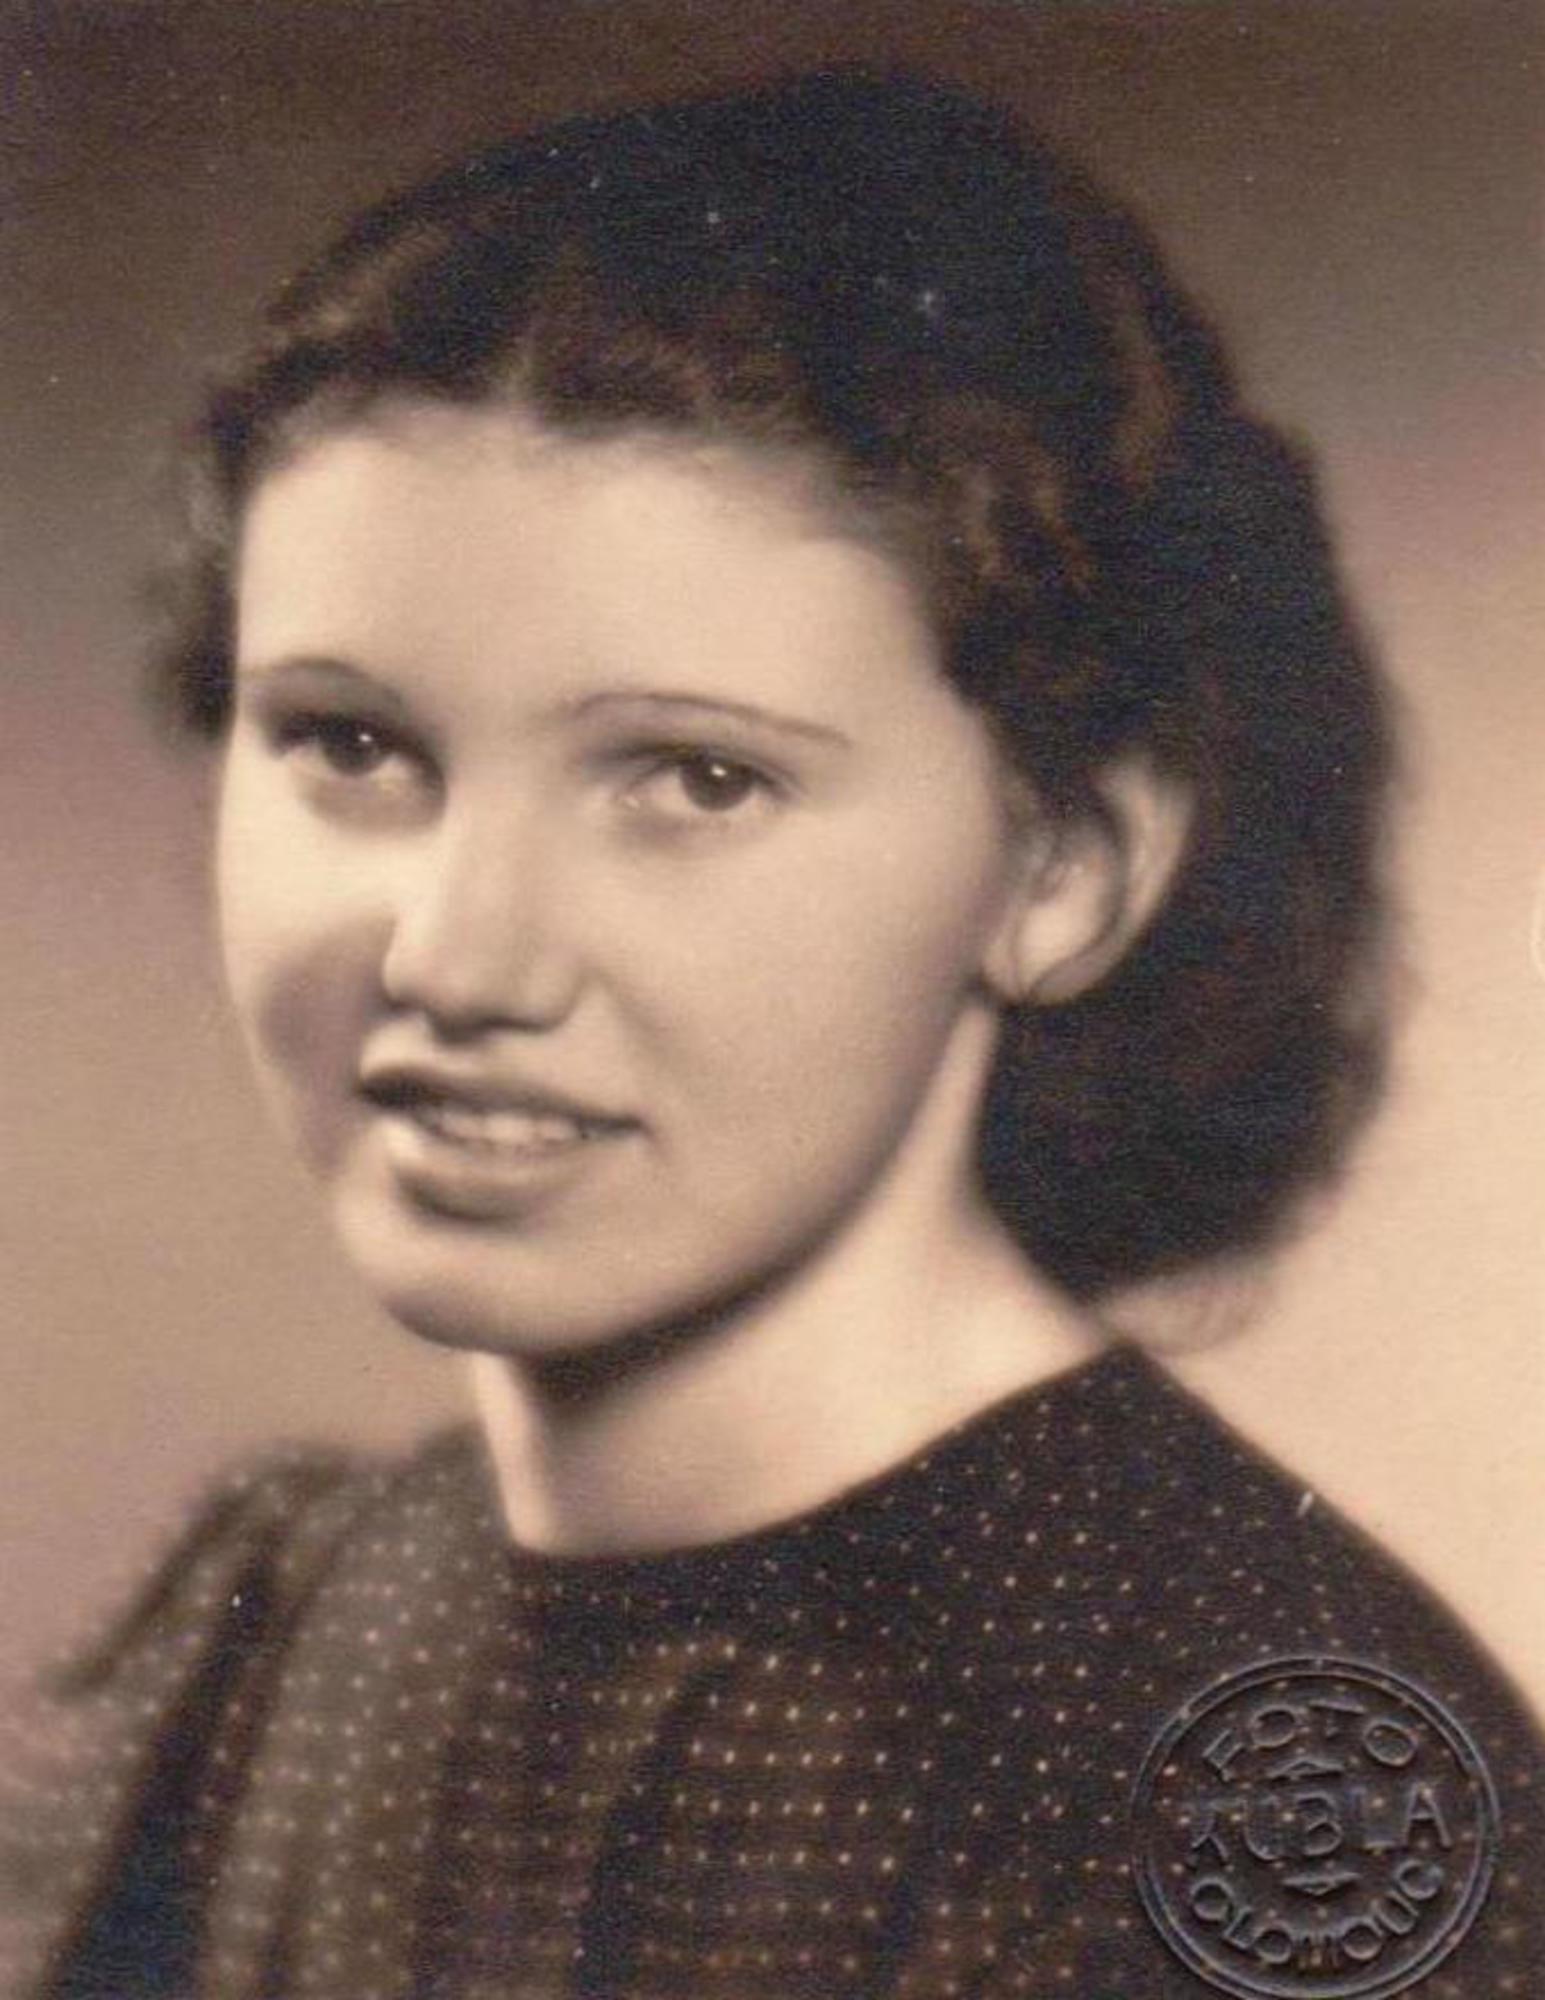 Editha Kokojanová